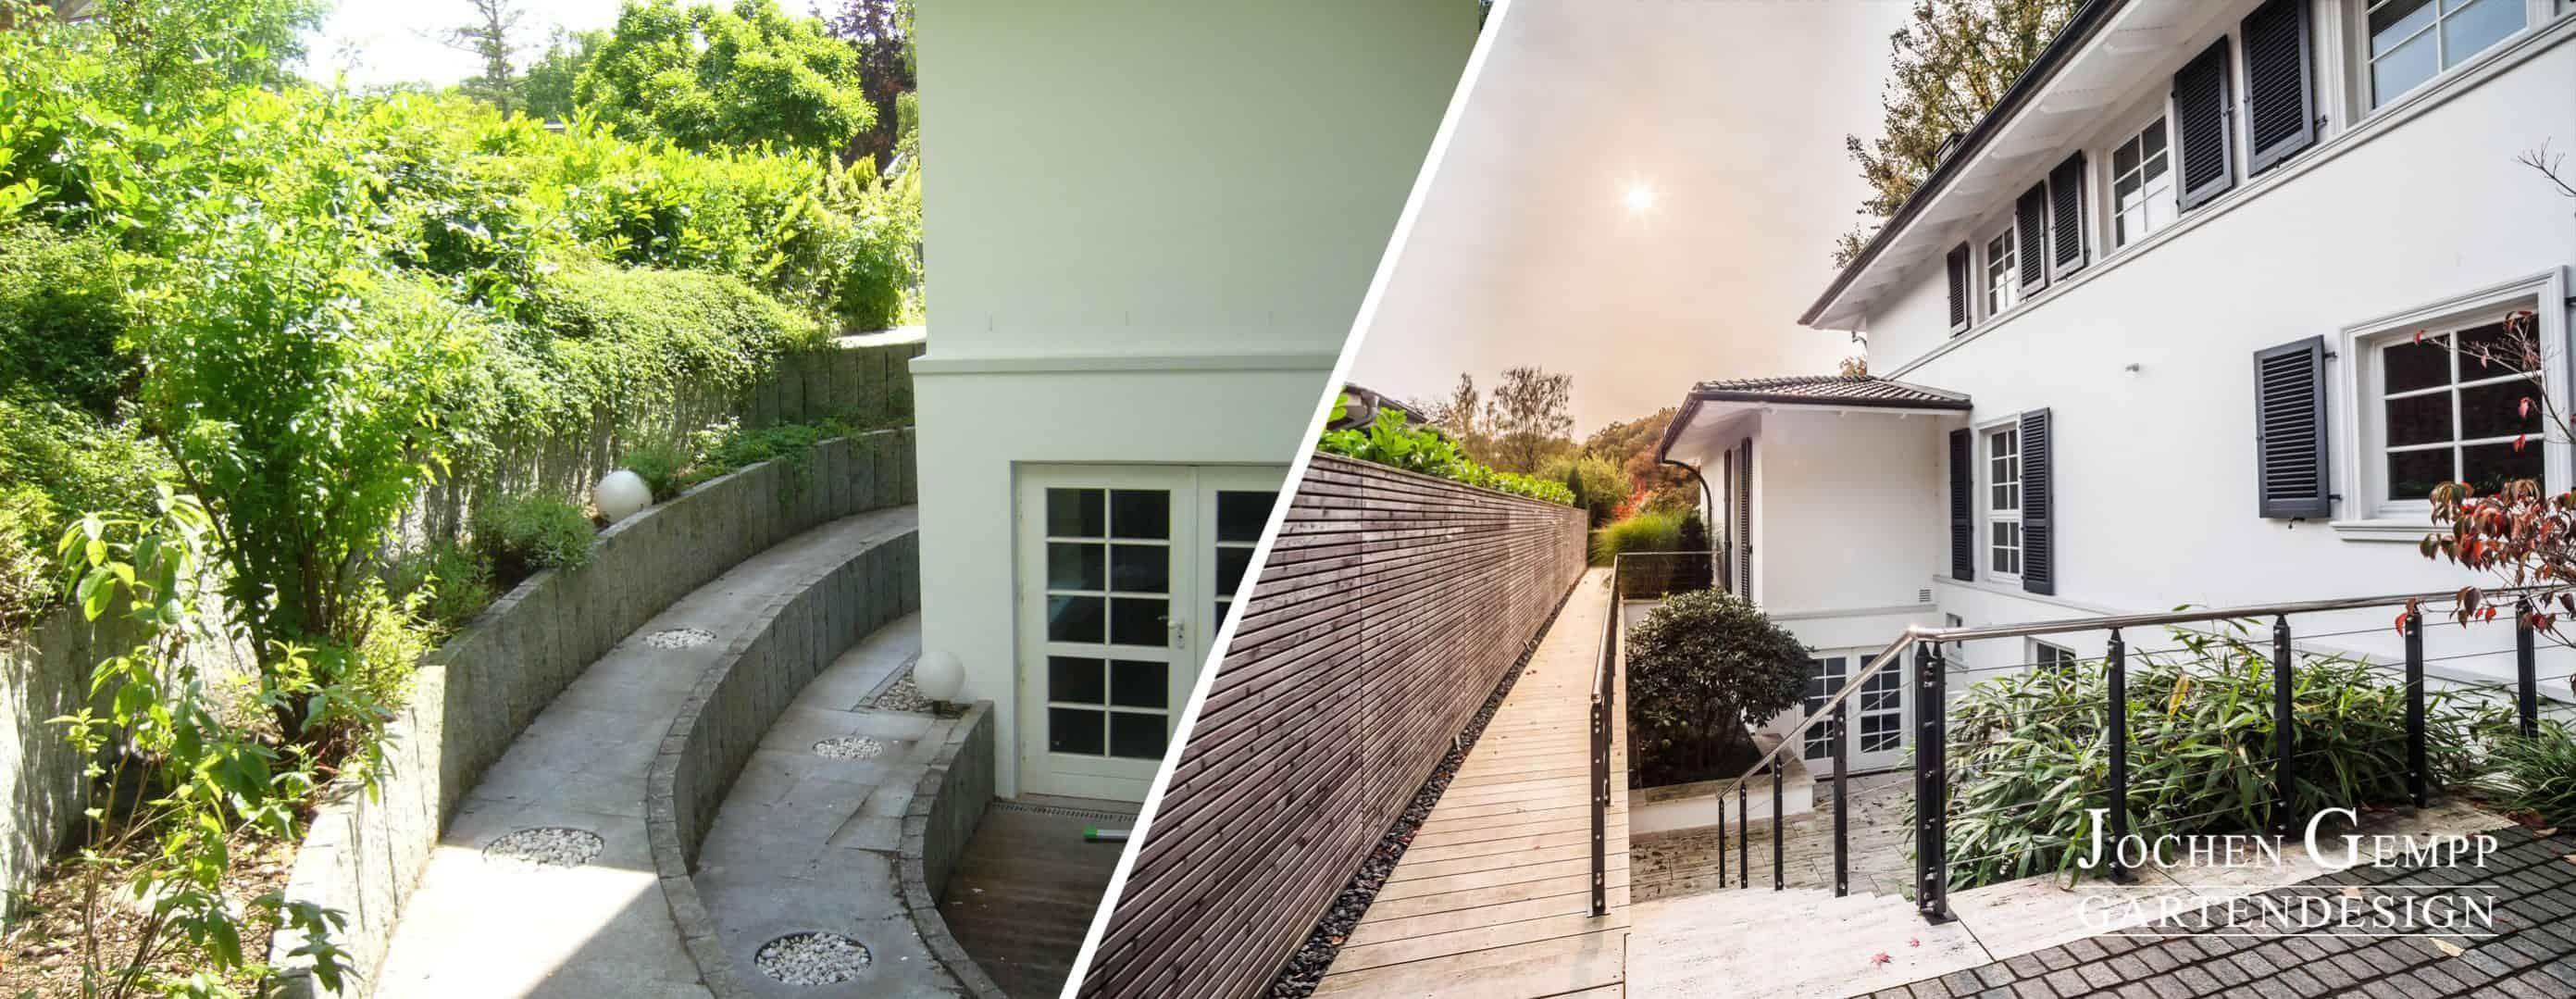 Gartengestaltungen vorher nachher gempp gartendesign for Gartengestaltung villa